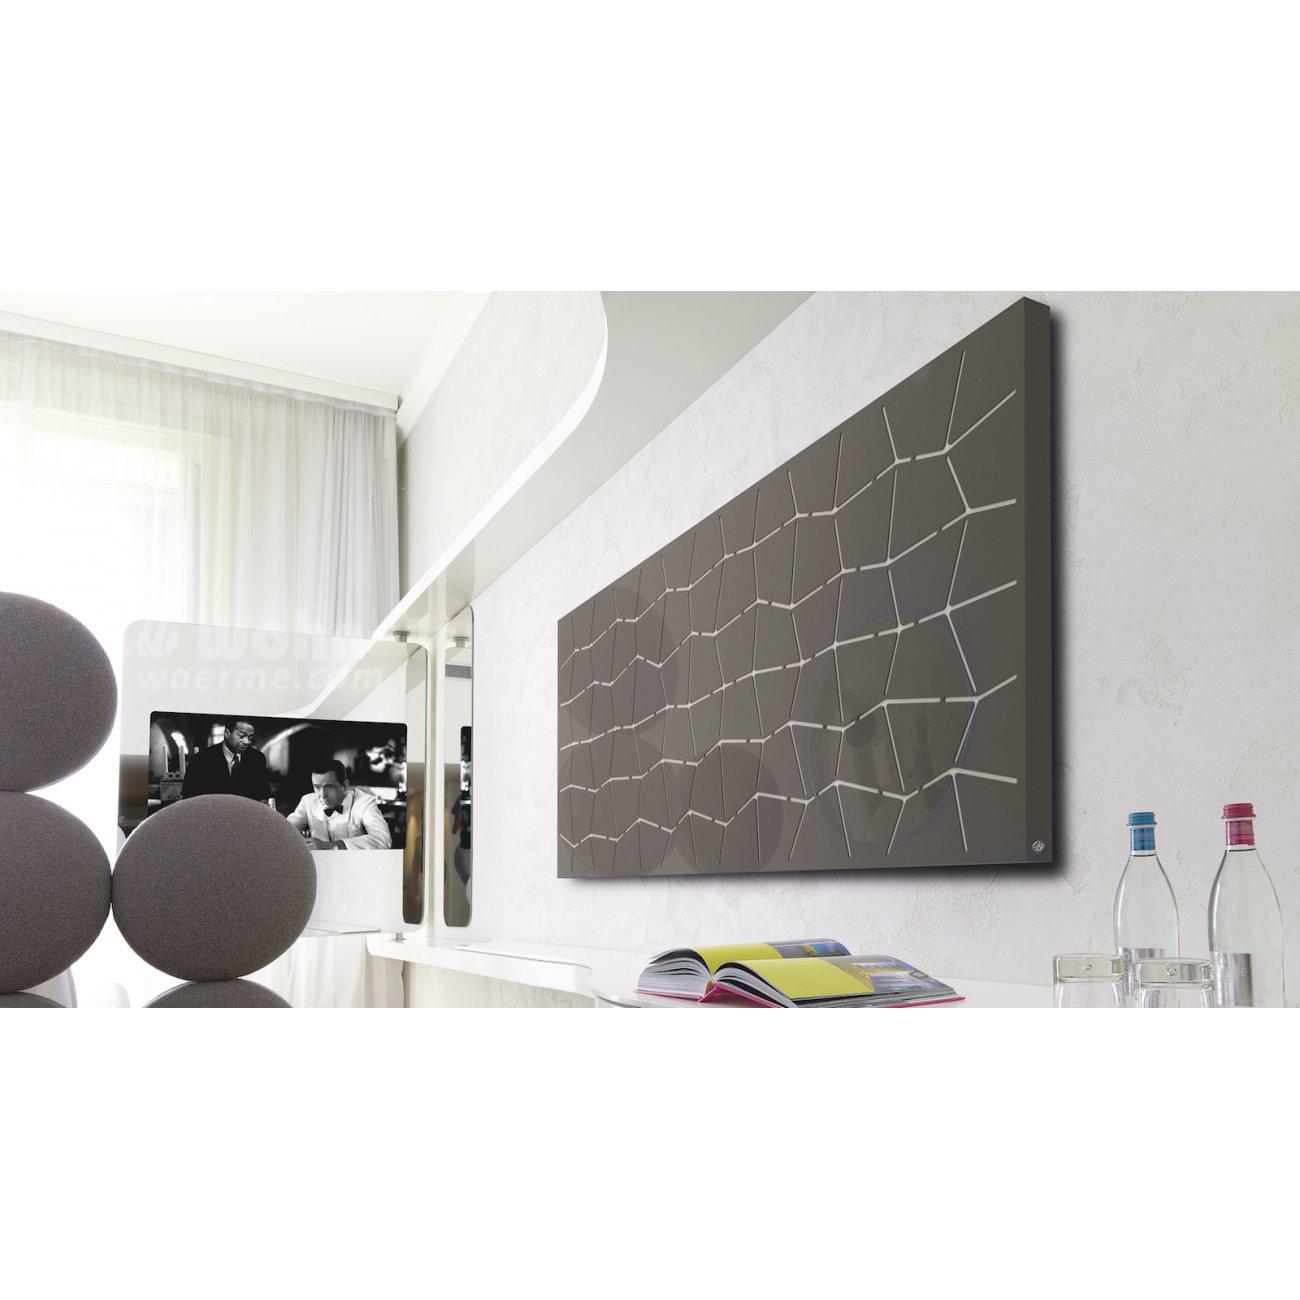 bei trama von k8 radiatori wirken die zwei schichten. Black Bedroom Furniture Sets. Home Design Ideas